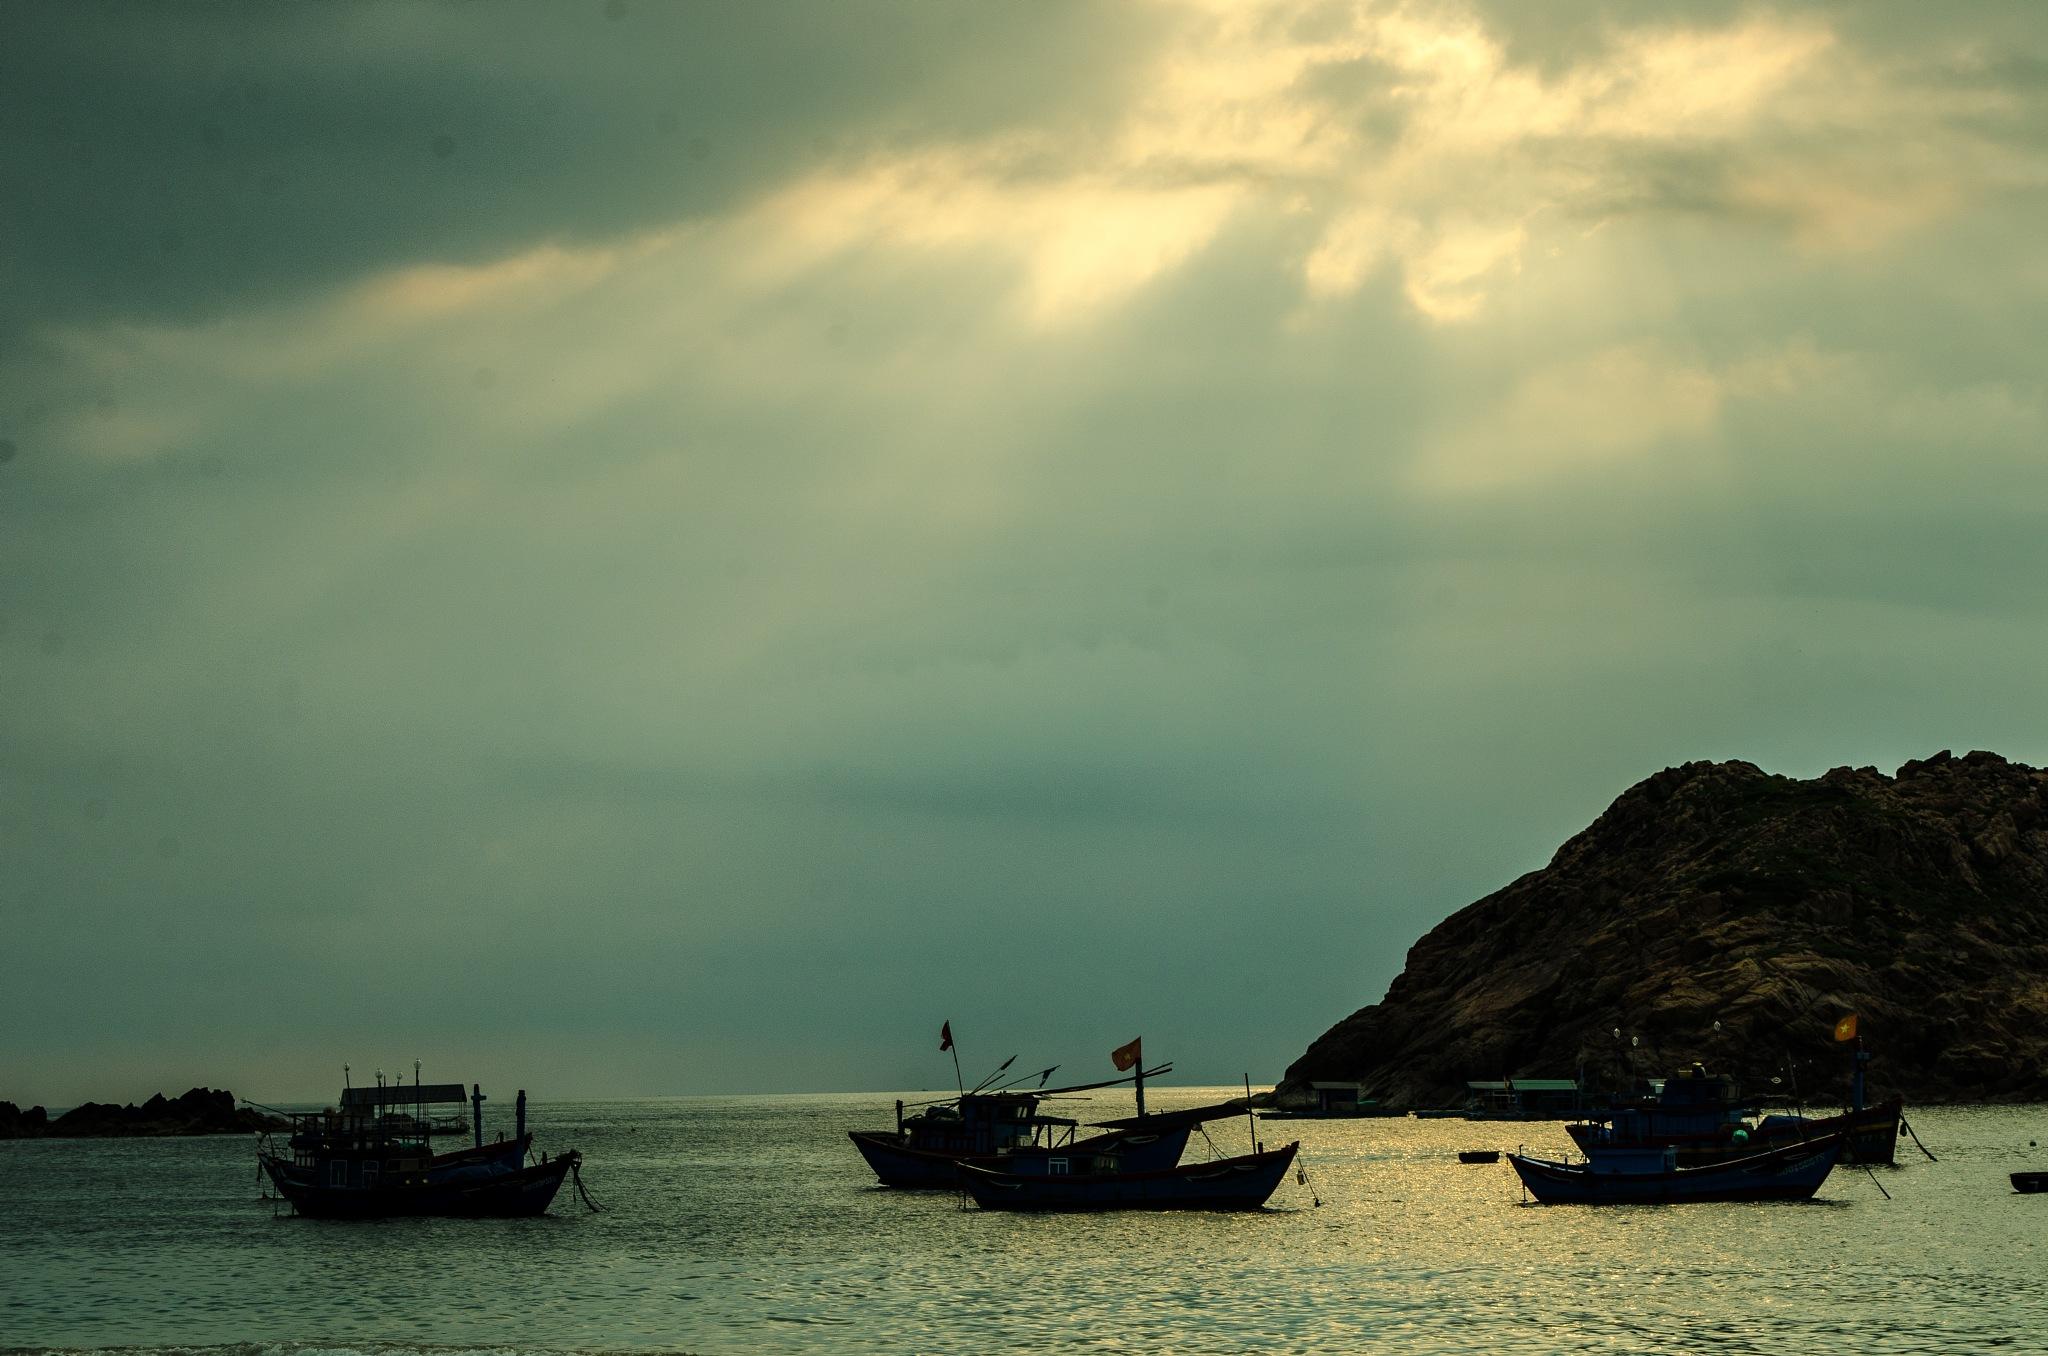 Ray  by phamducphuongnam